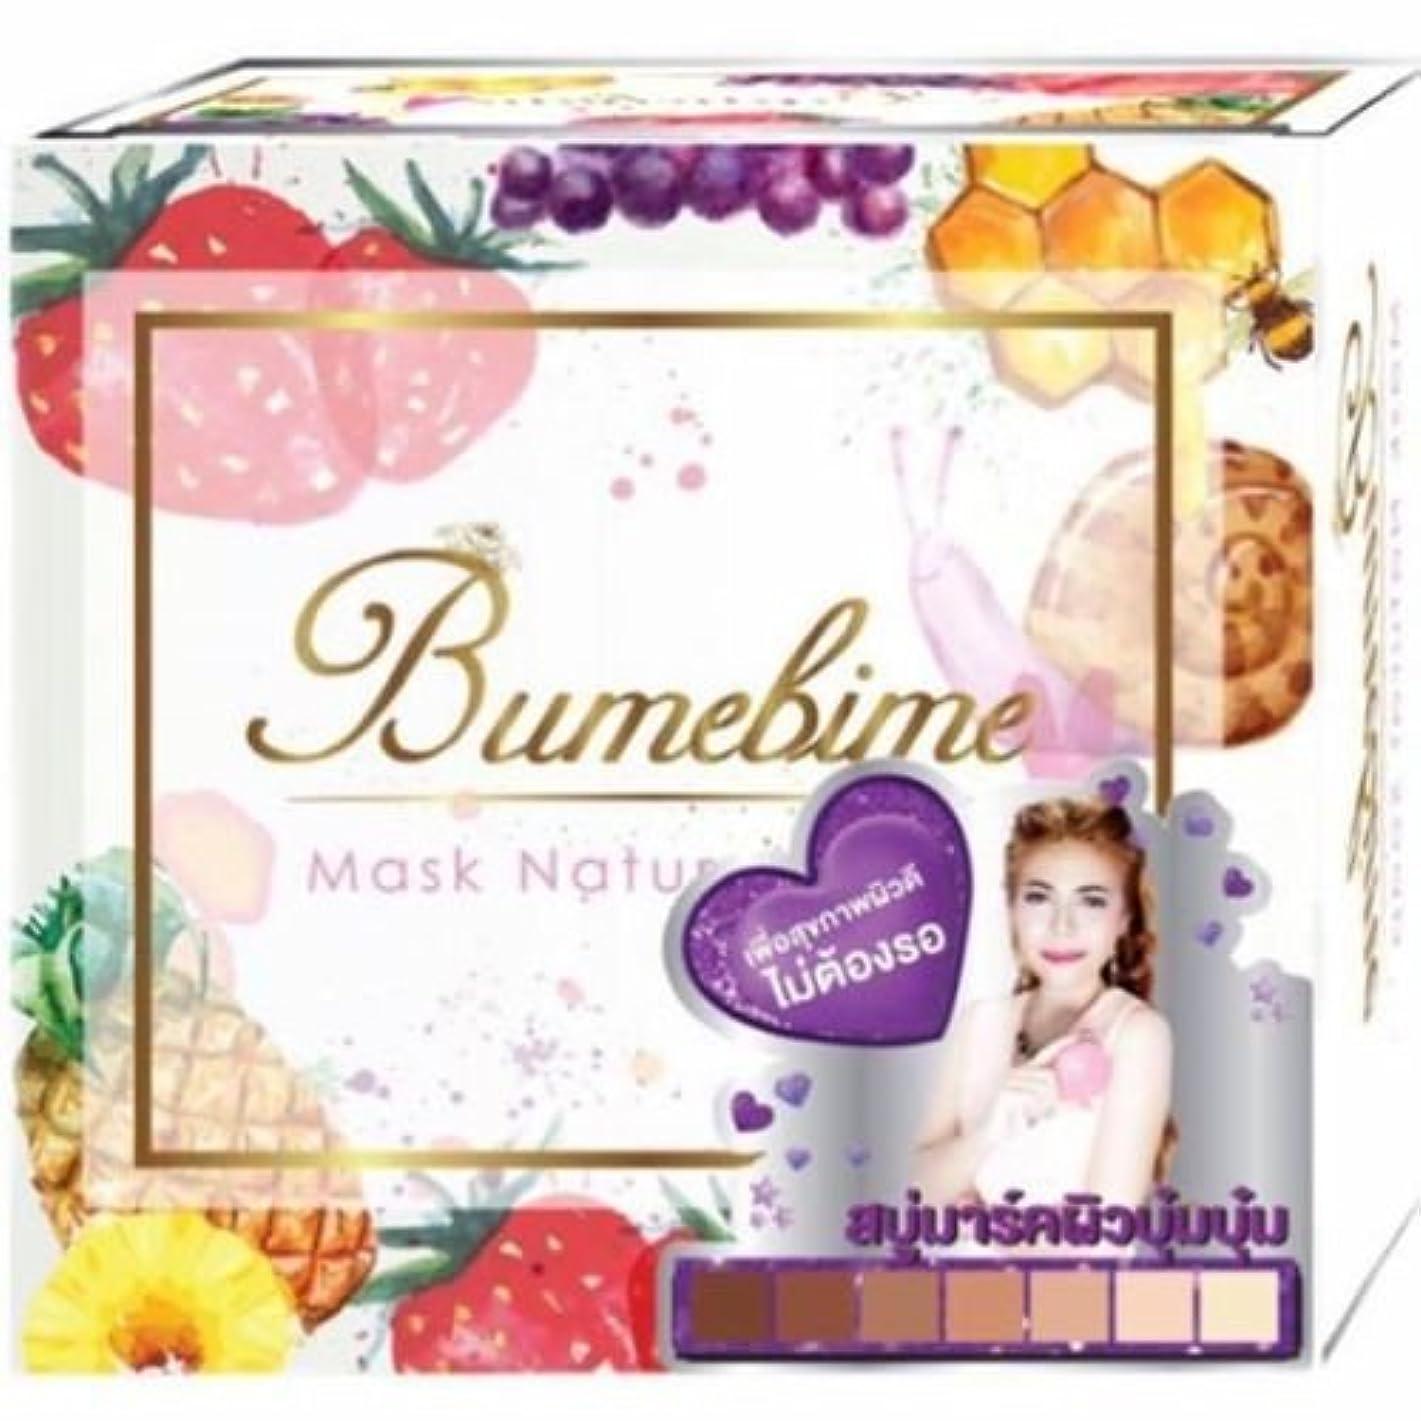 言語グローバル魅了する(1 x 100 g) bumebimeマスクNatural SoapスキンボディWhitening byトリプルW Shop